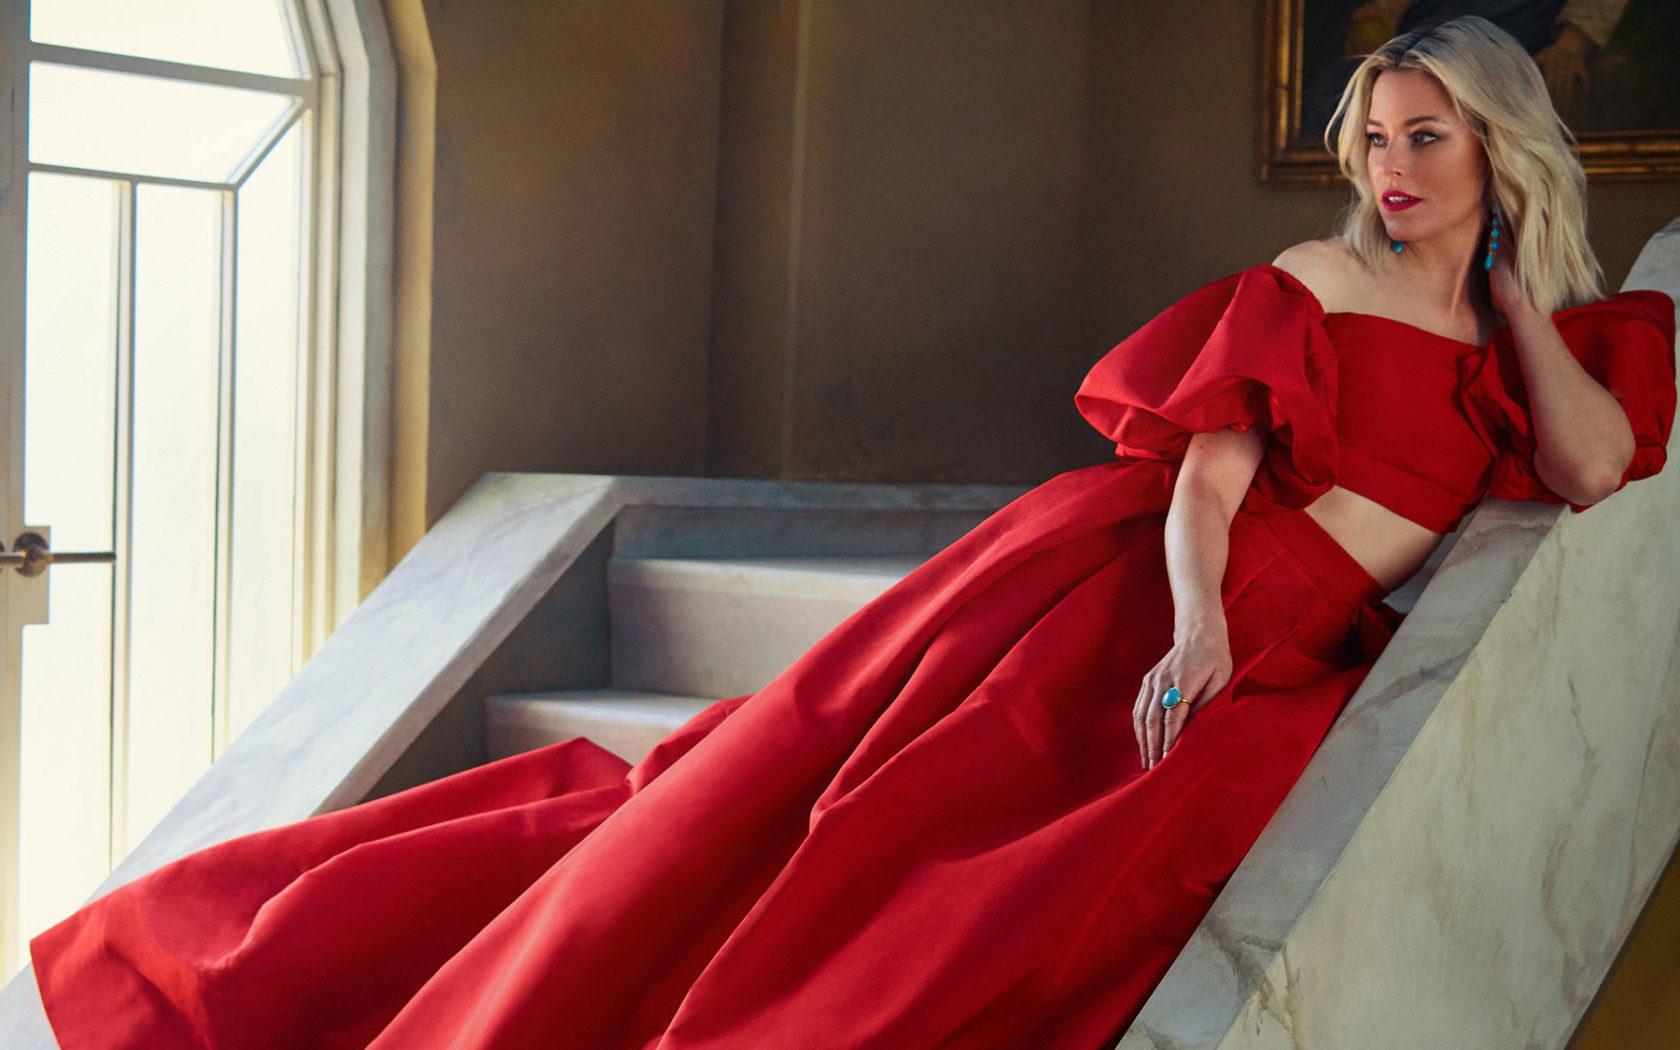 Elizabeth Banks Vanity Fair 4k Wallpapers HD Wallpapers 1680x1050